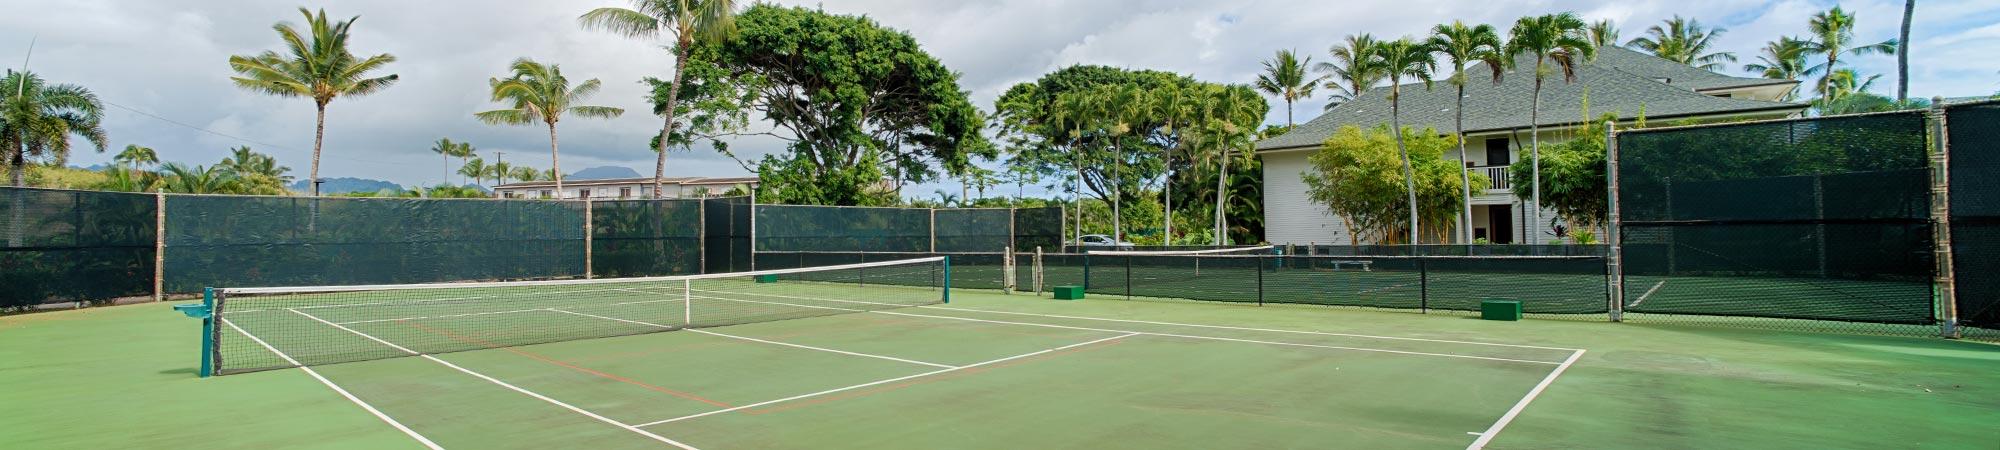 Poipu Kapili tennis court